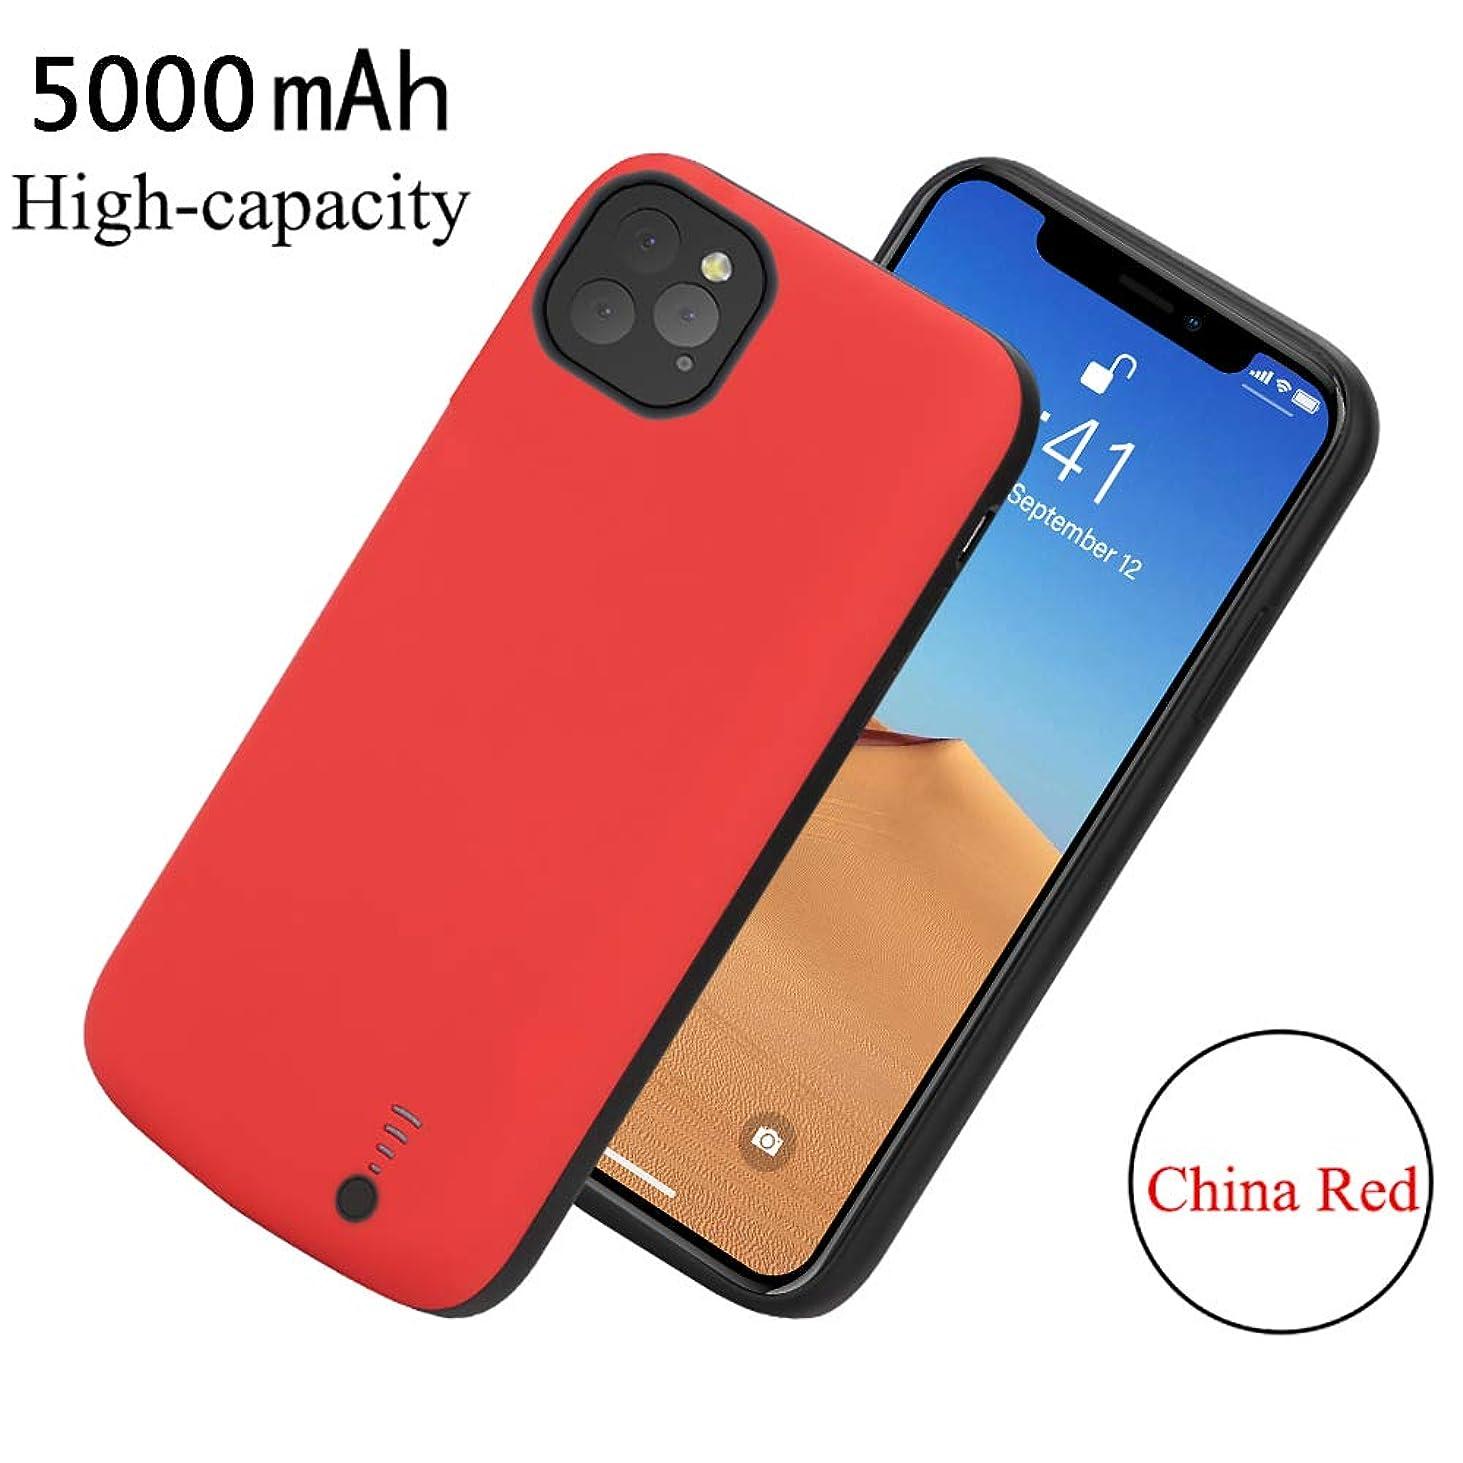 思いやり差し迫った変換するiPhone 11 Pro 5.8 Inch 対応 ケース型バッテリー Scheam ポータブル保護充電ケース大容量 軽量 急速充電一体型 超便利 耐衝撃 全面保護ケース - 赤